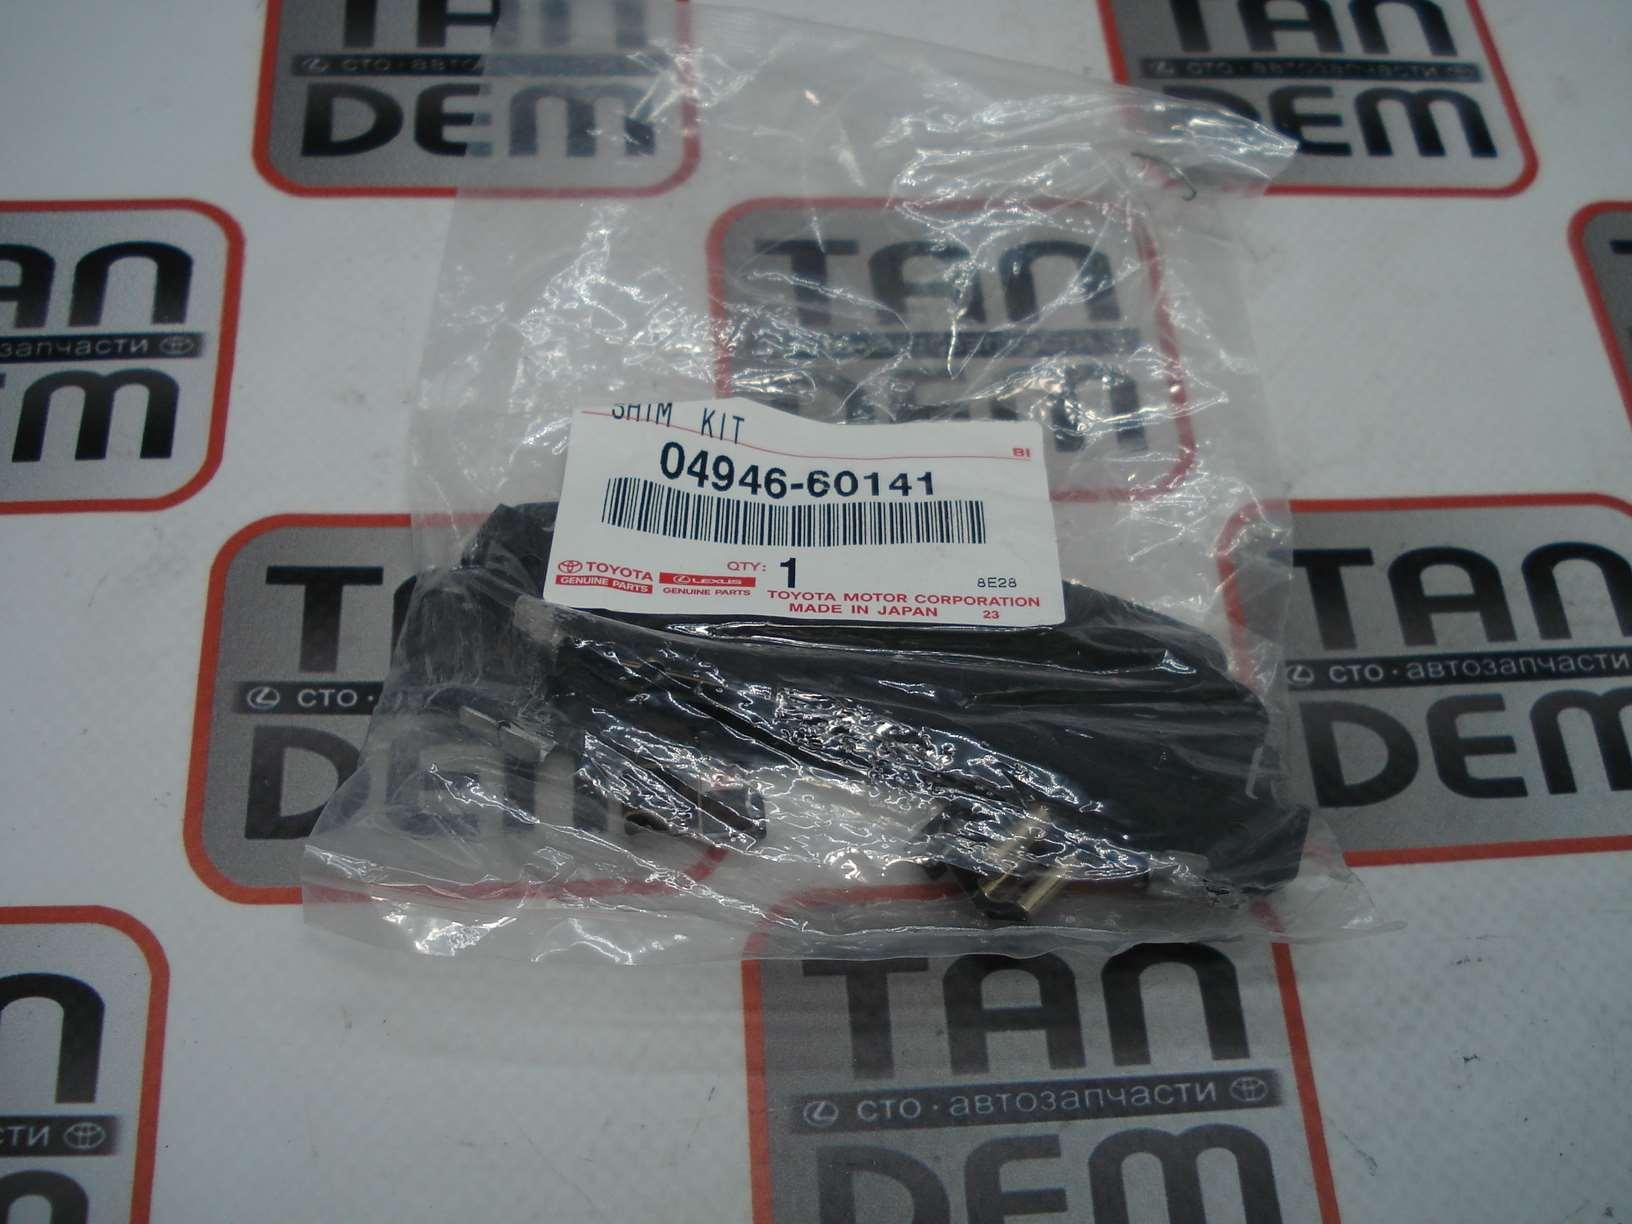 Пластины задних колодок LC150, GX460 04946-60141, 04946-60140